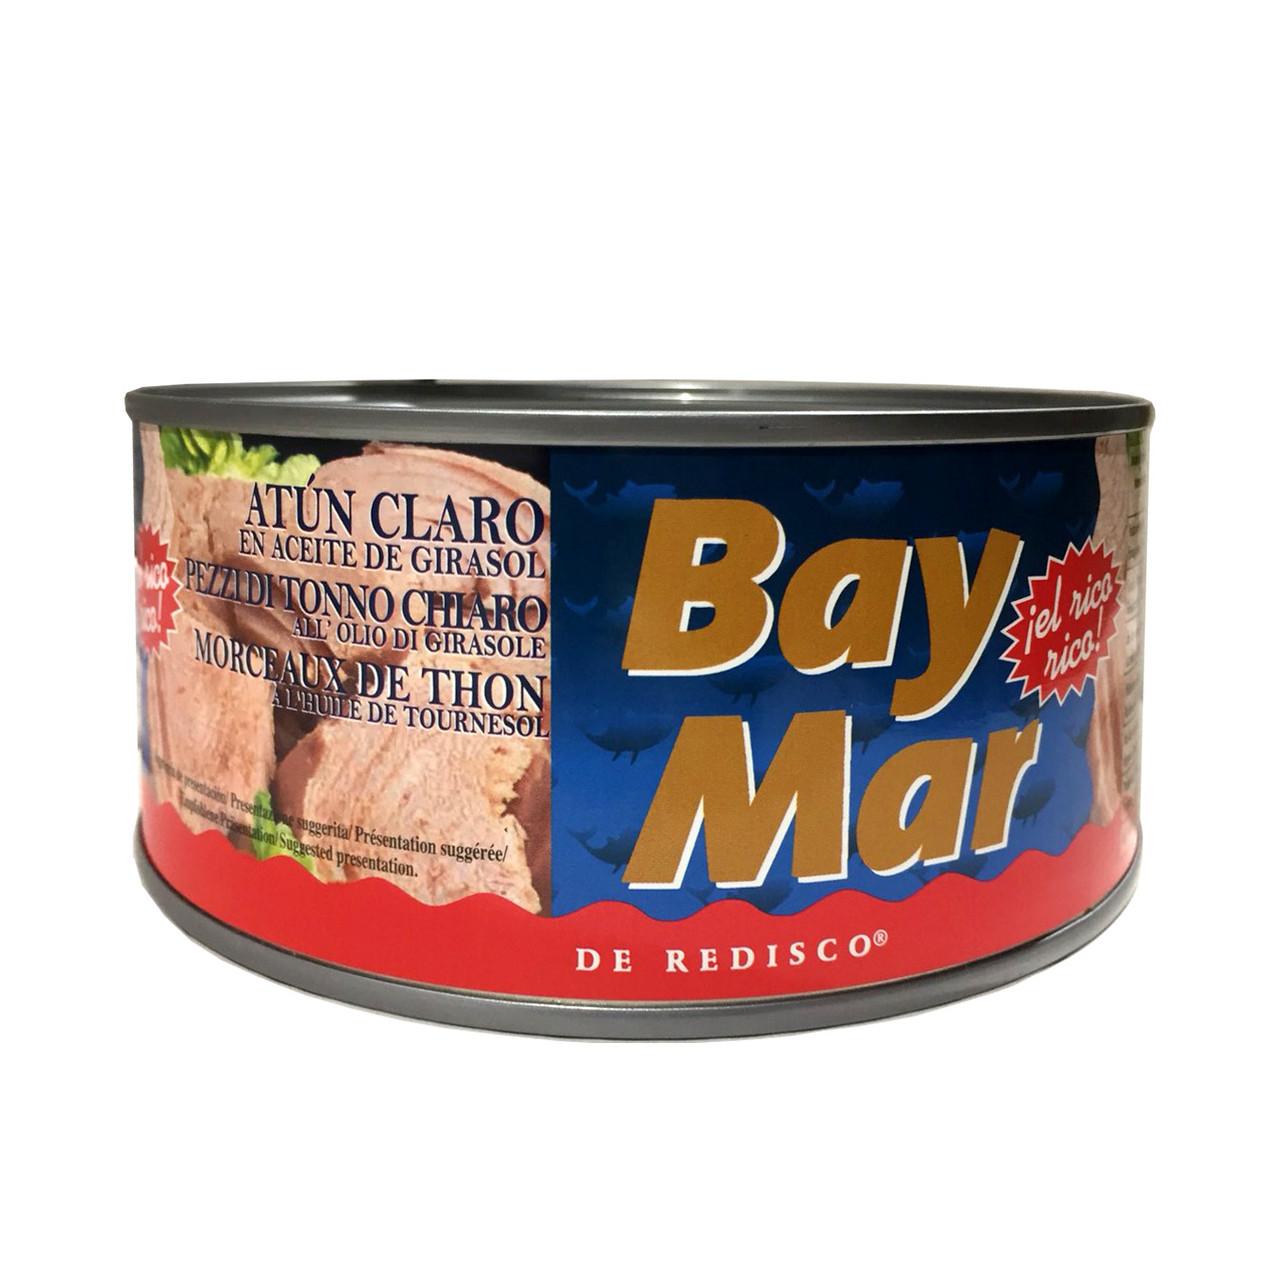 Тунець в рослинній олії BAY MAR Atun Claro шматками, 900 г (ж.б.) 12 шт/ящ 010018